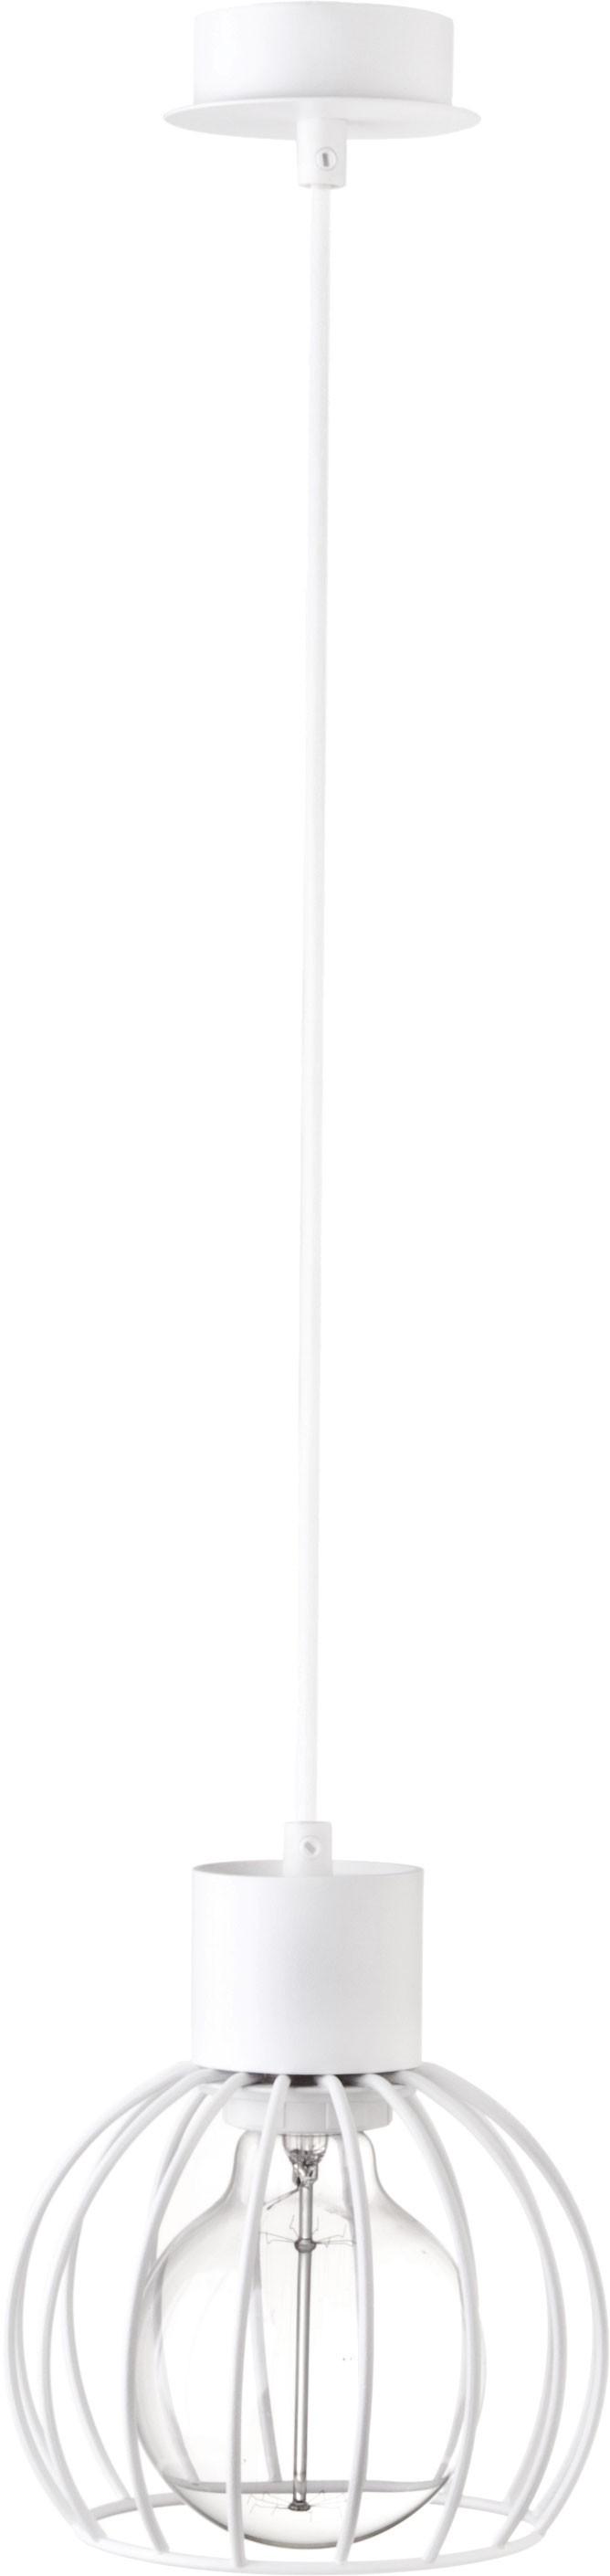 Lampa wisząca Luto koło 1 biała mat 31165 - Sigma Do -17% rabatu w koszyku i darmowa dostawa od 299zł !